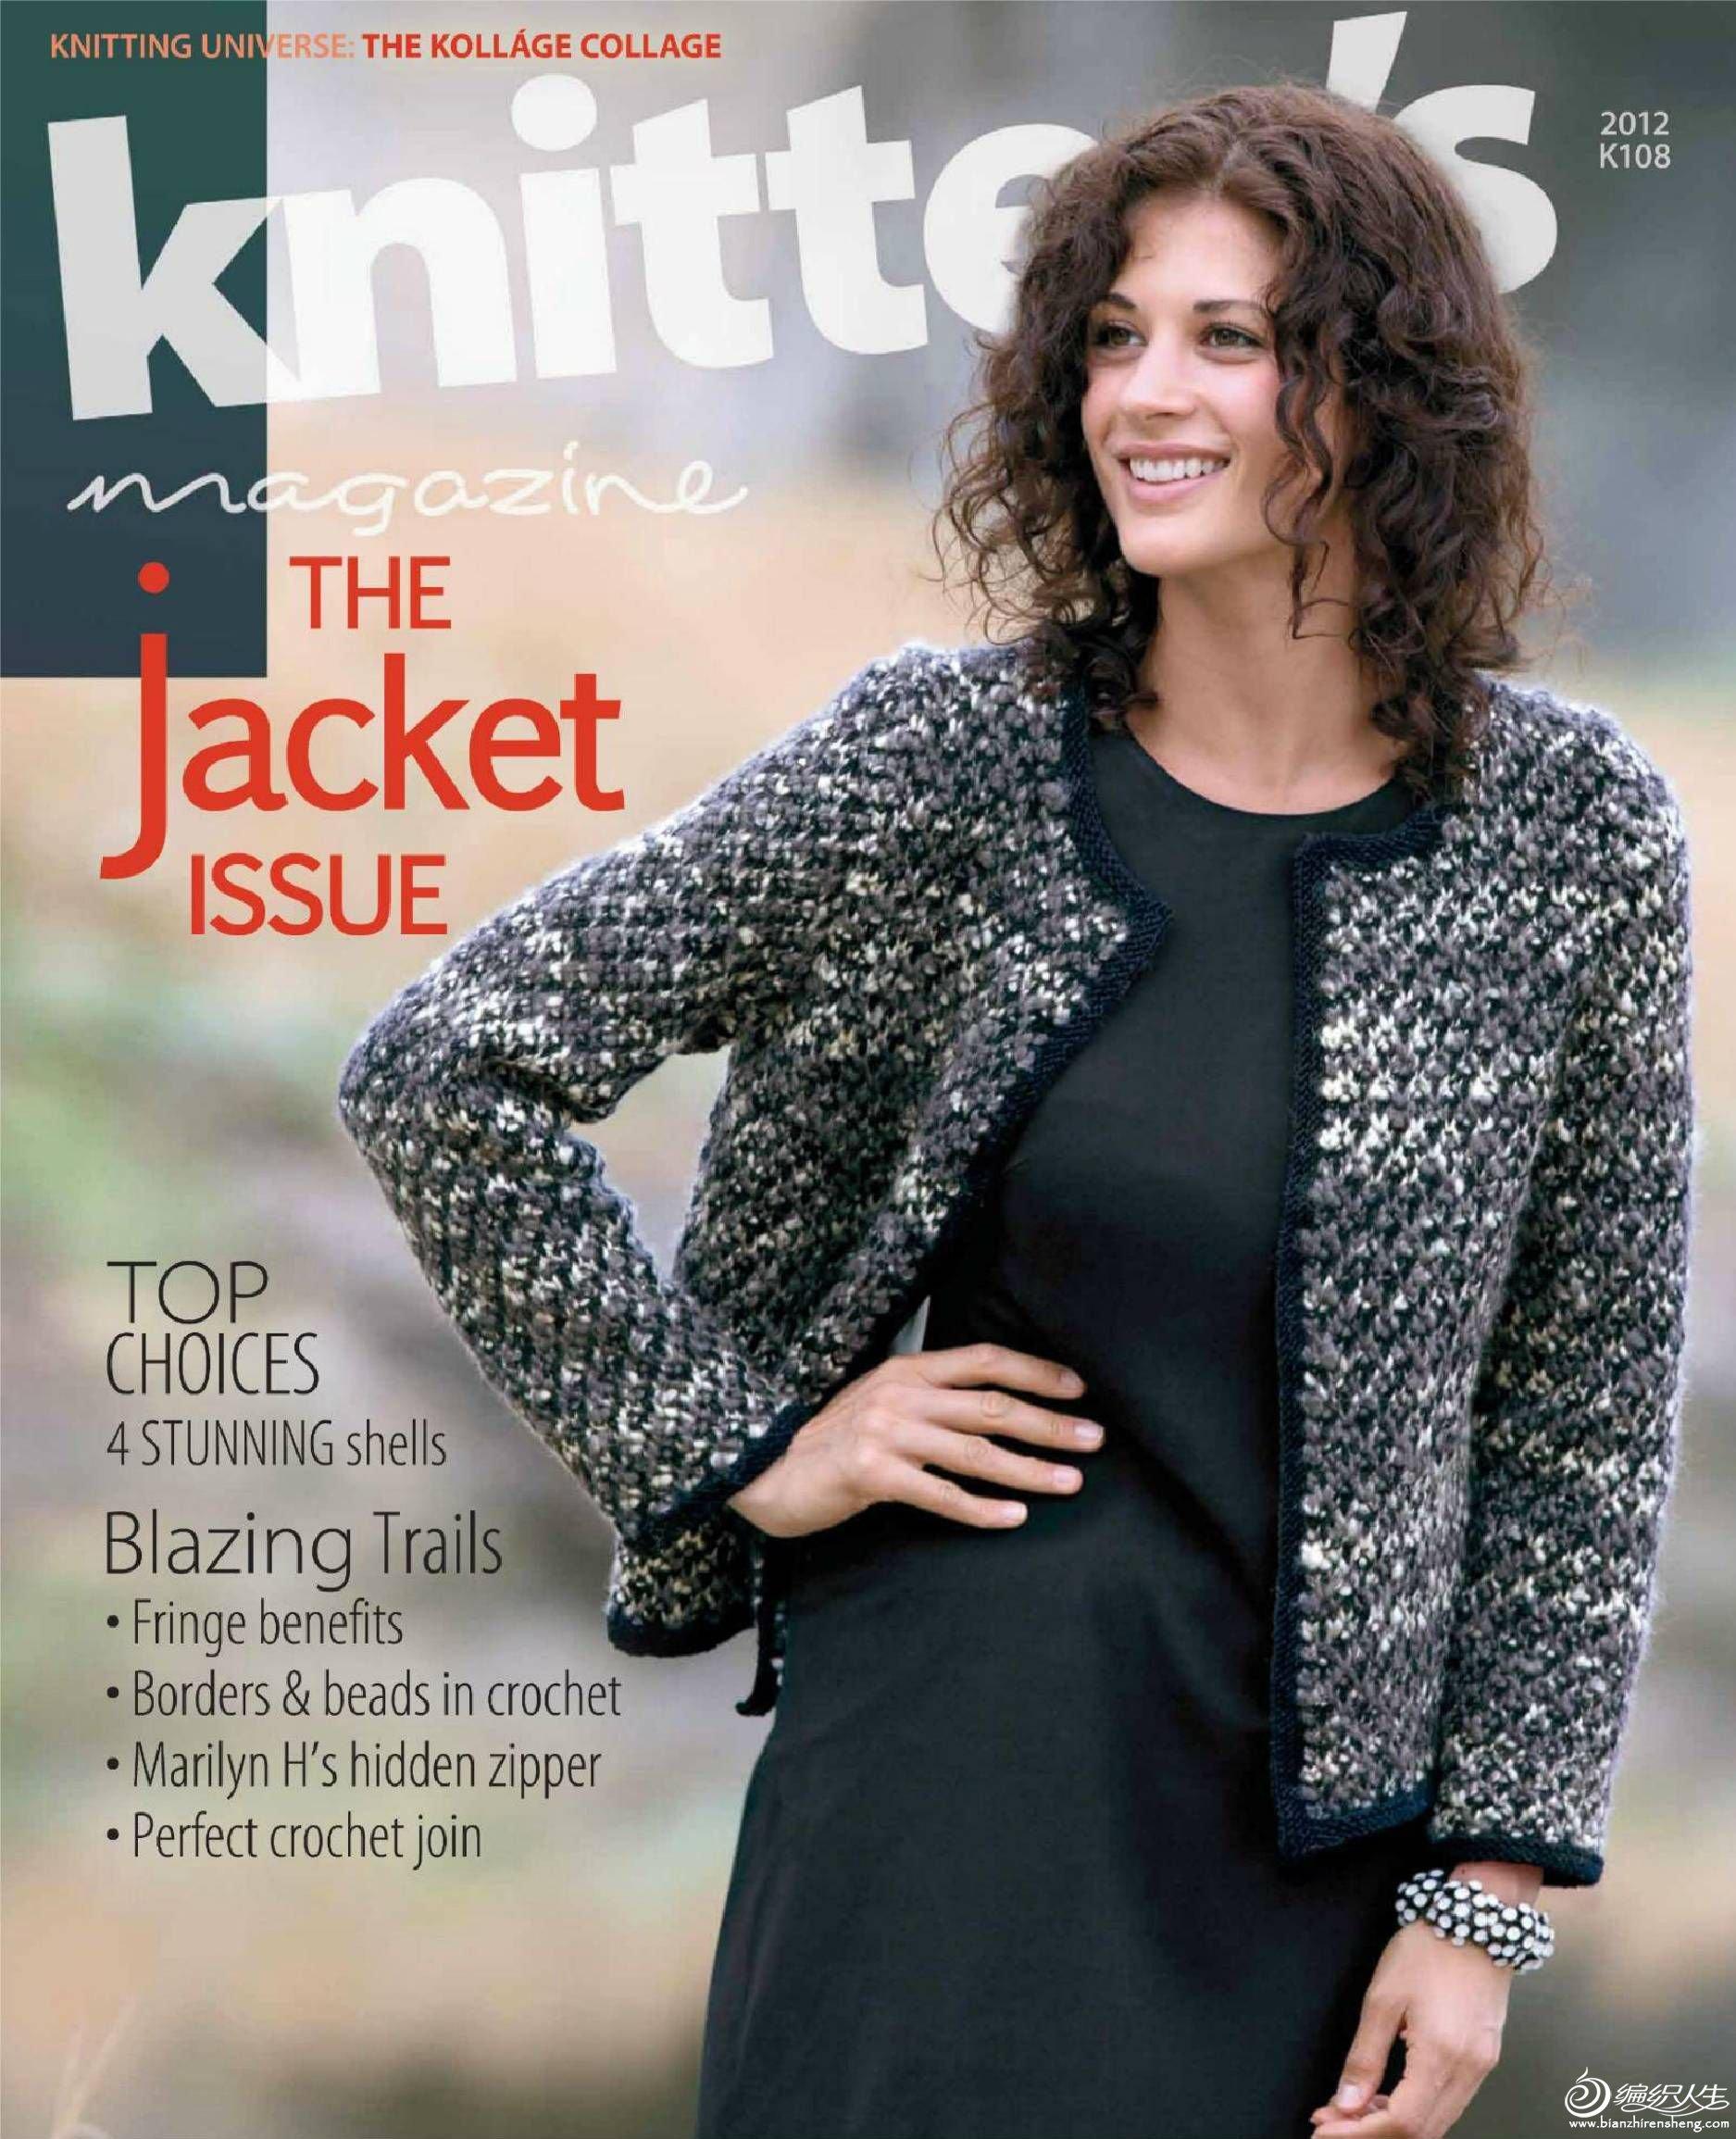 Knitters_K107_2012-001.jpg